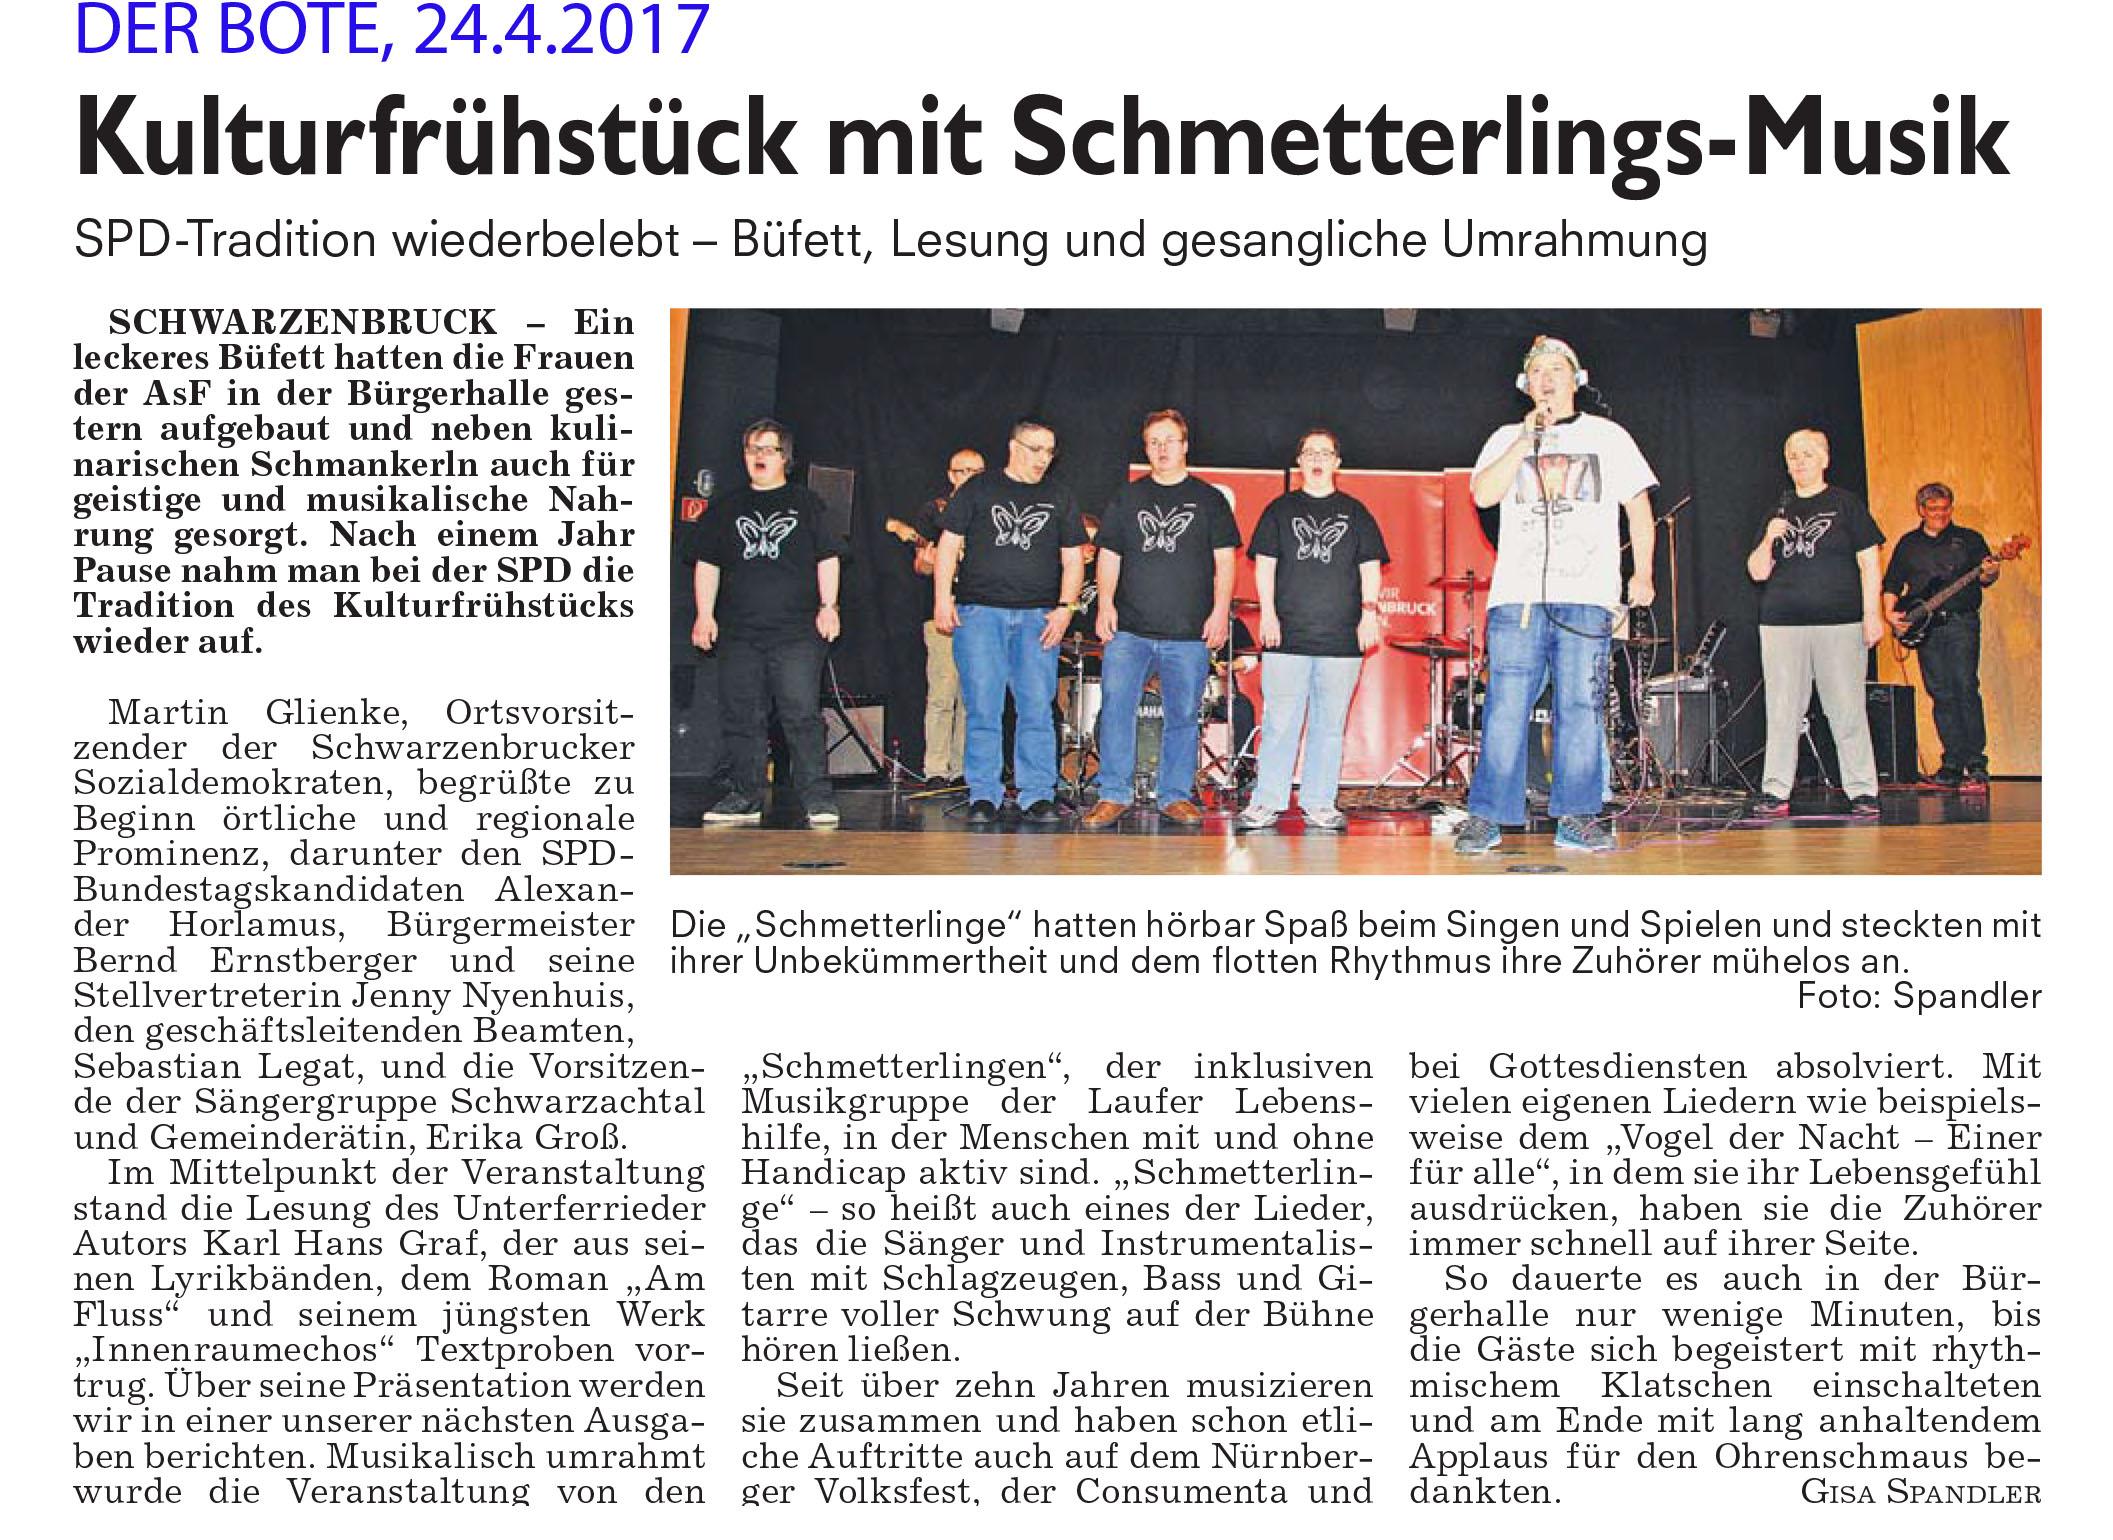 Der Bote, 24.4.17: Auftritt der Schmetterlinge beim SPD-Kulturfrühstück in Schwarzenbruck.